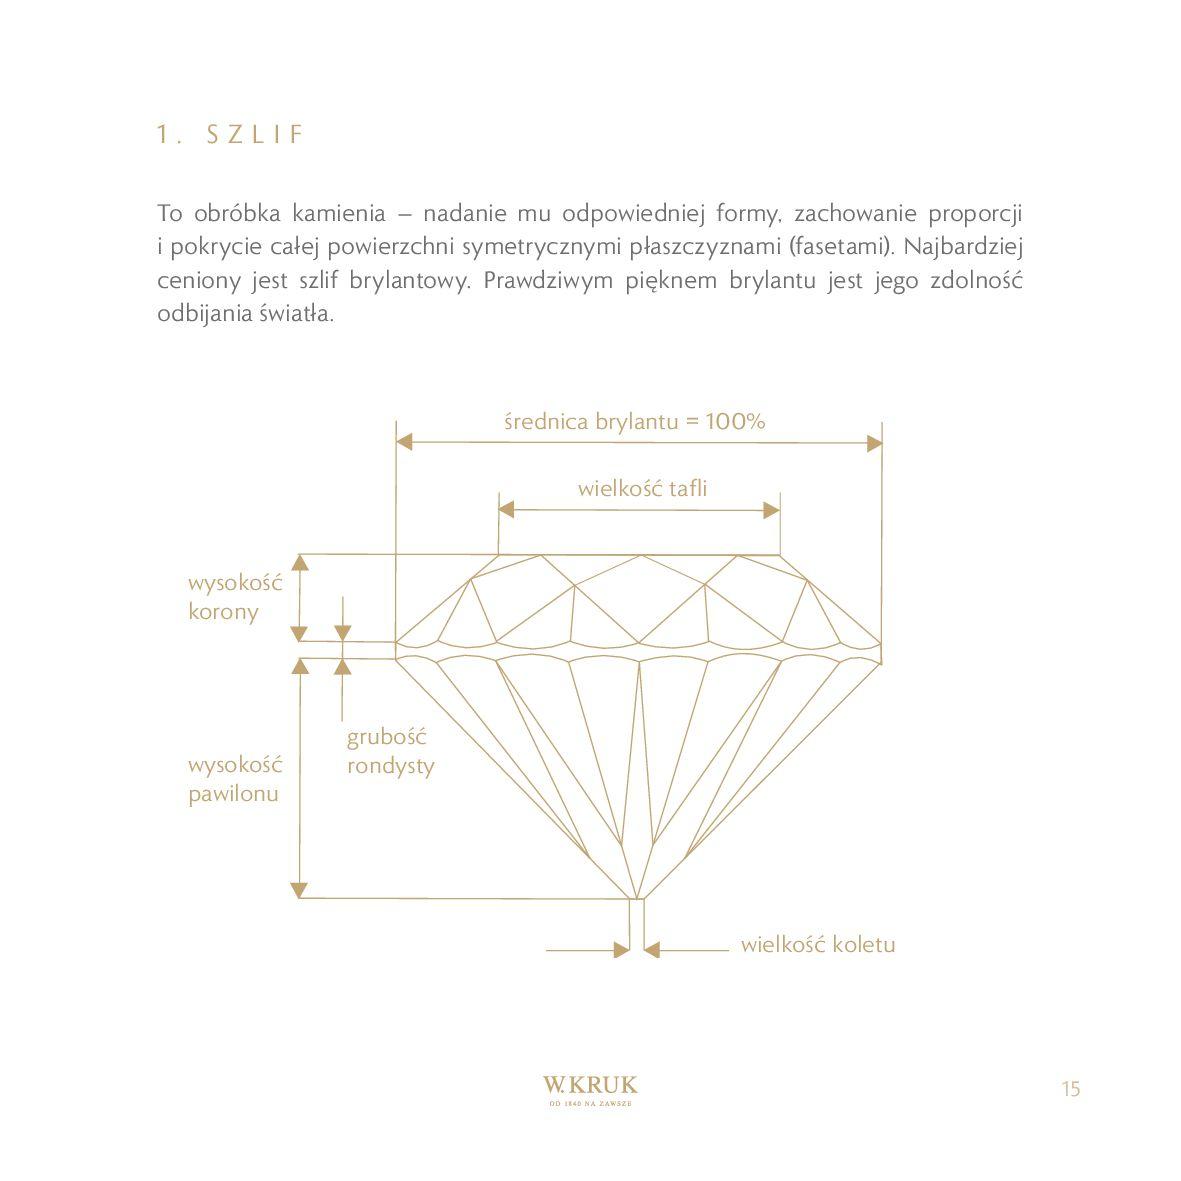 Gazetka W. KRUK: Katalog - Obrączki 2021-02-17 page-17